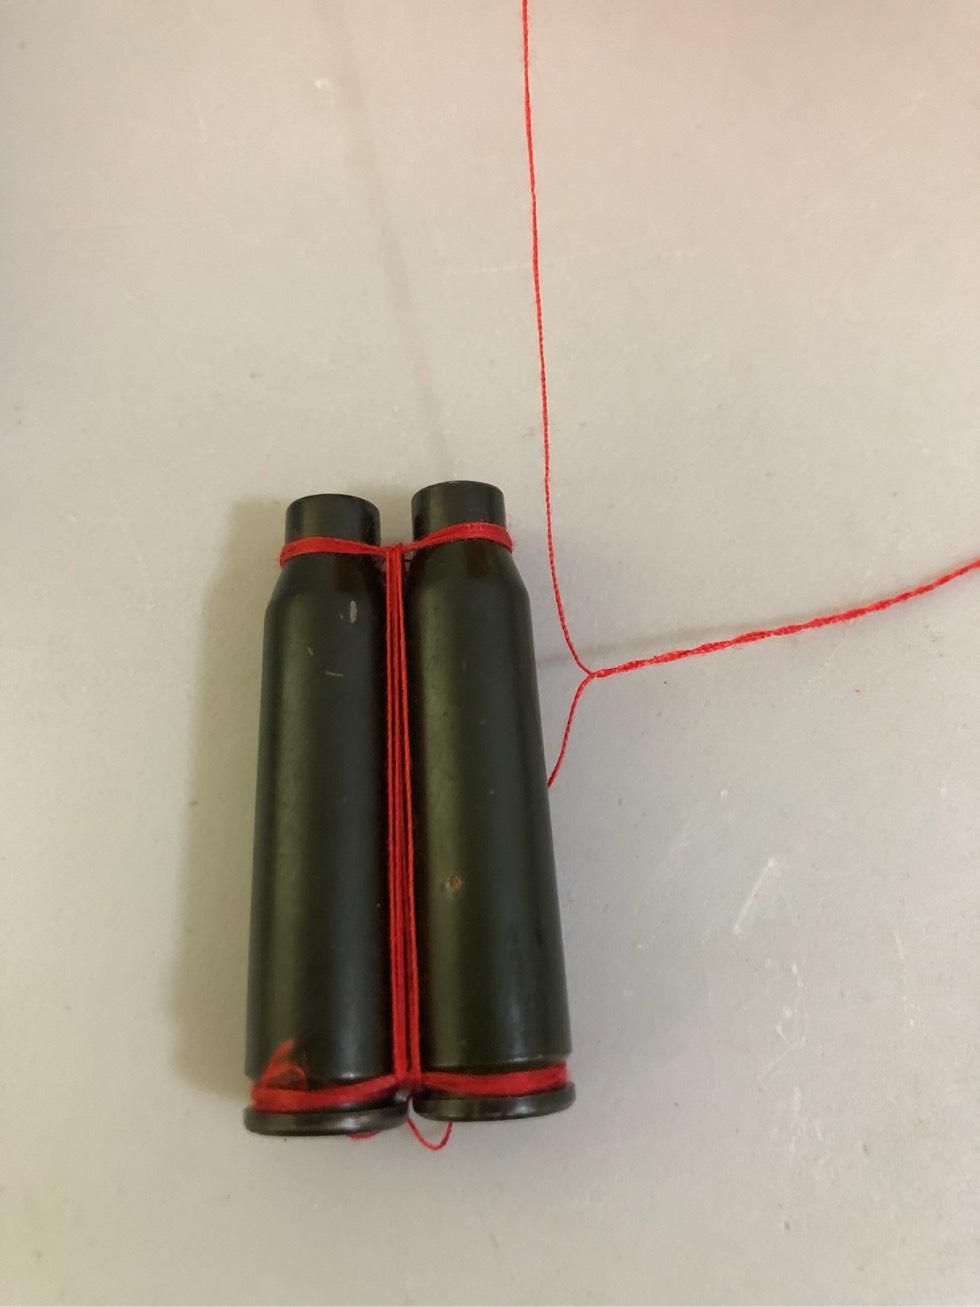 子弹壳红绳编织图解,细绳绑的子弹壳工艺品缠绕方法